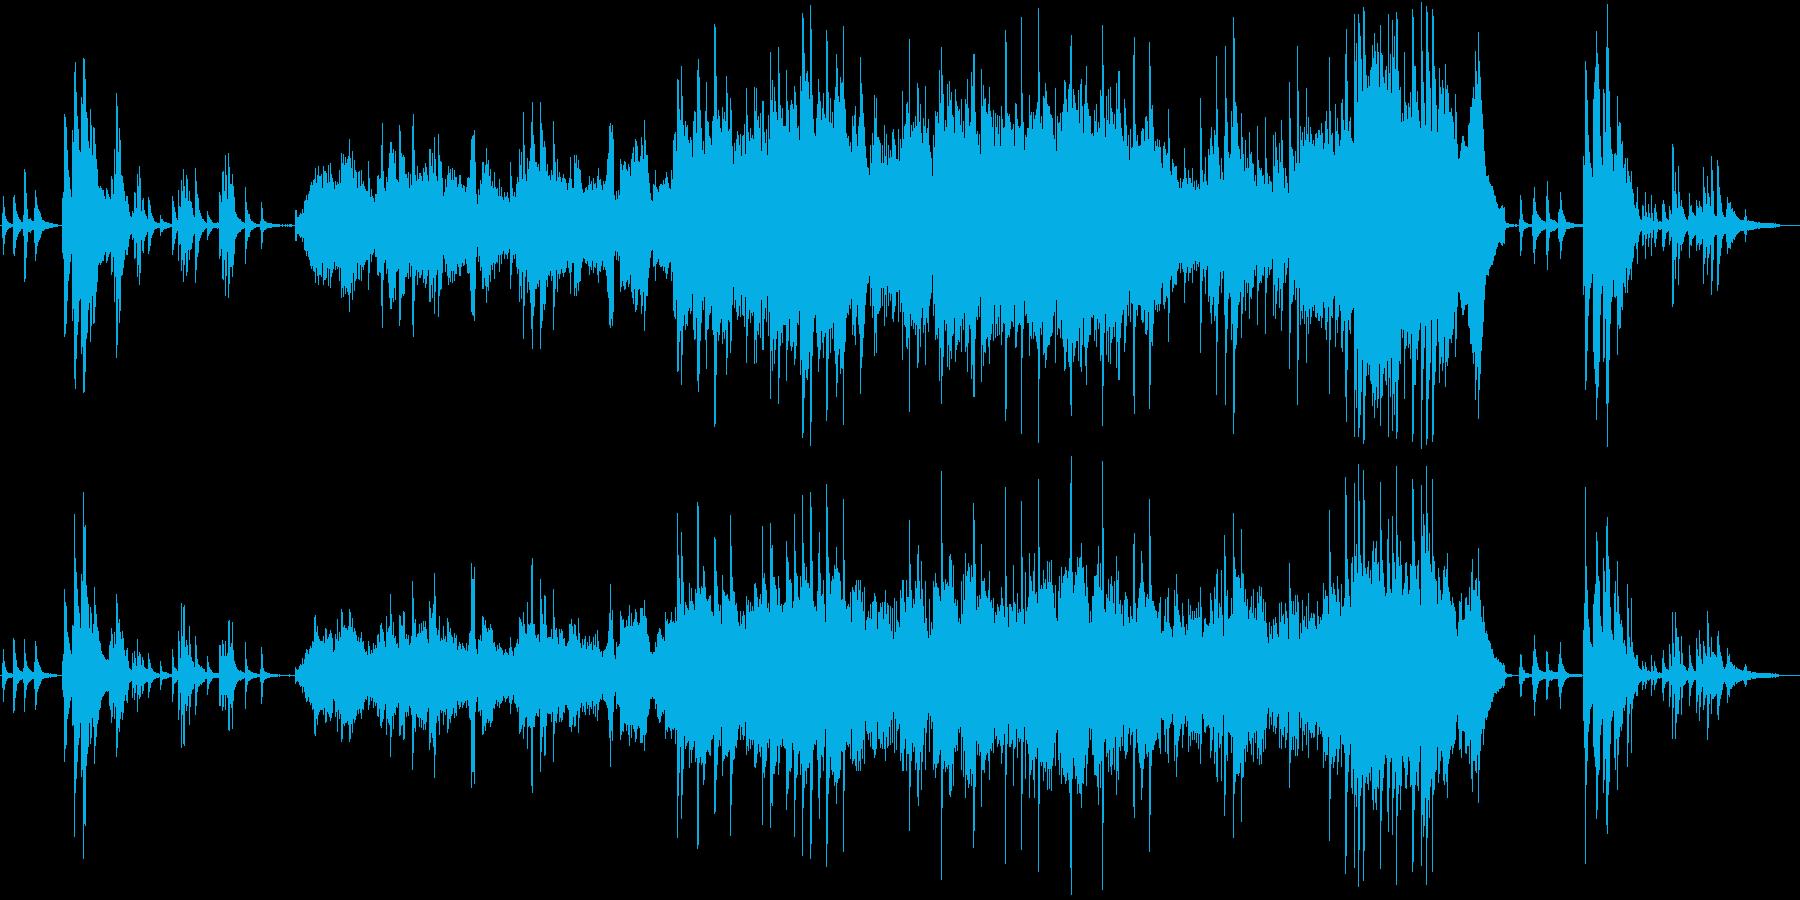 壮大で神秘的なイメージのピアノソロの再生済みの波形